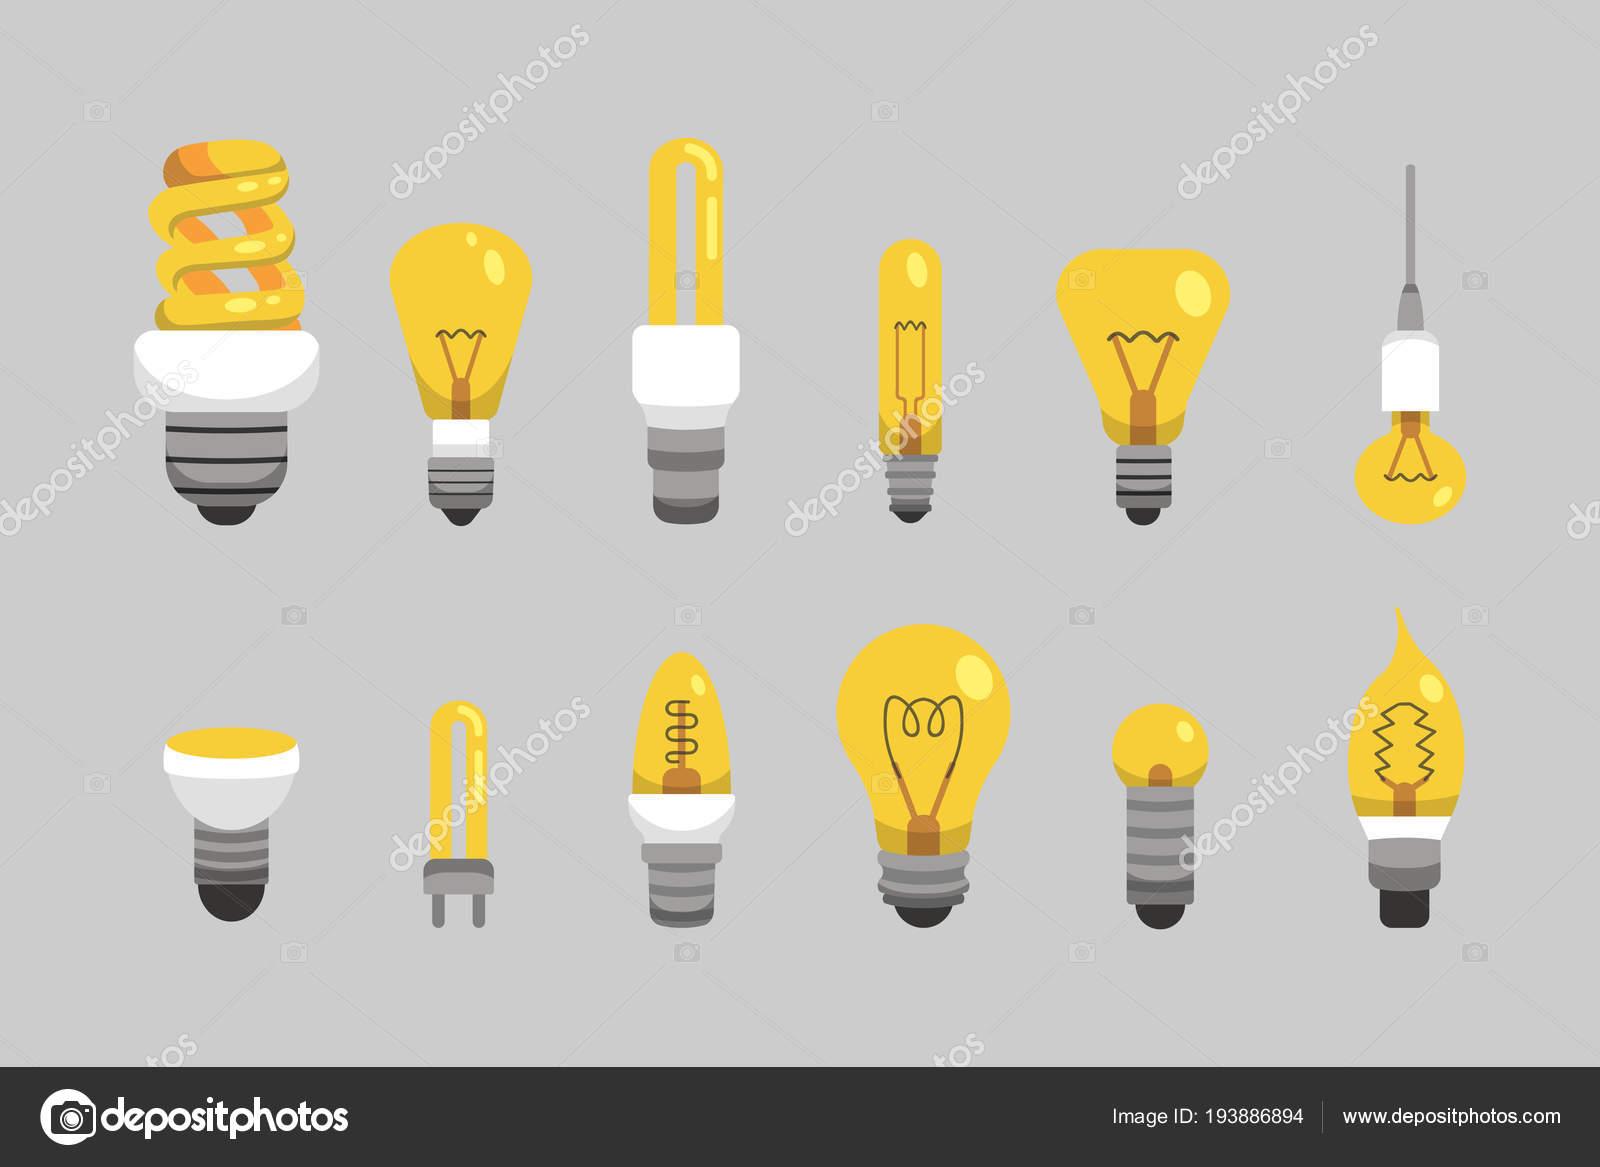 Bombilla Y Lámpara En Estilo De Dibujos Animados. Tipos